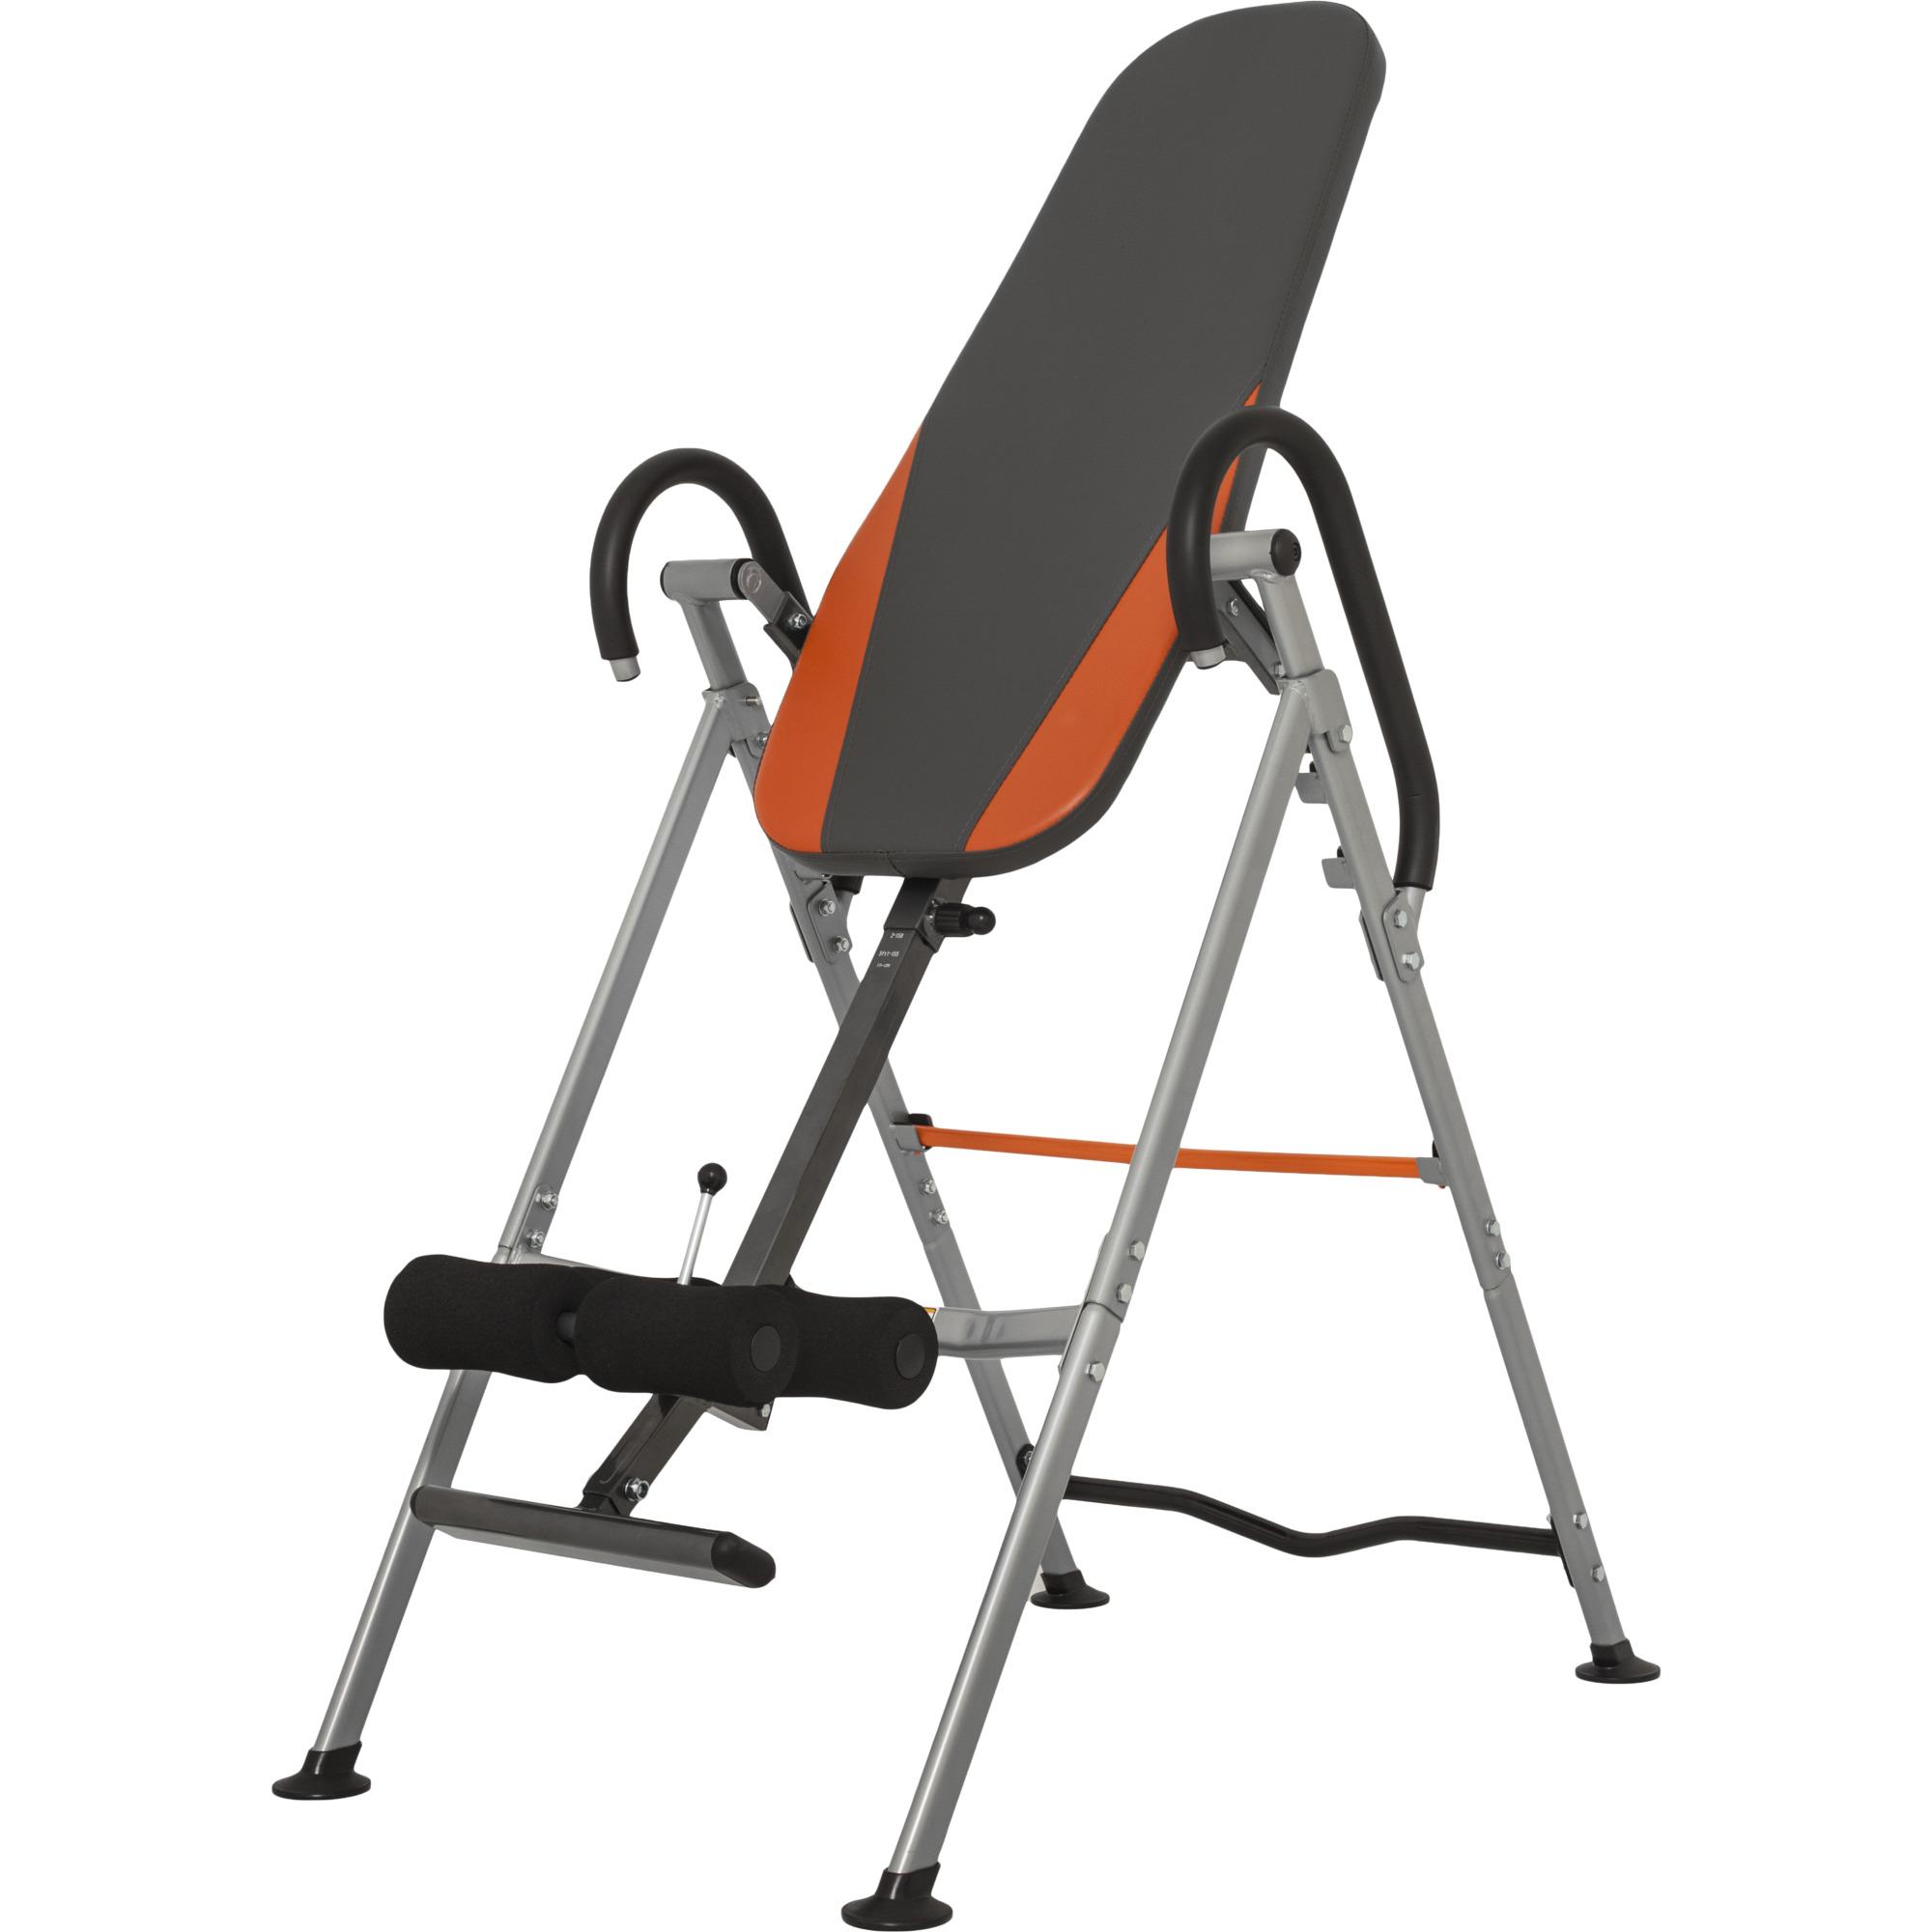 Gorilla Sports Inversionsbank Schwarz/Silber/Orange 100330-00050-0001